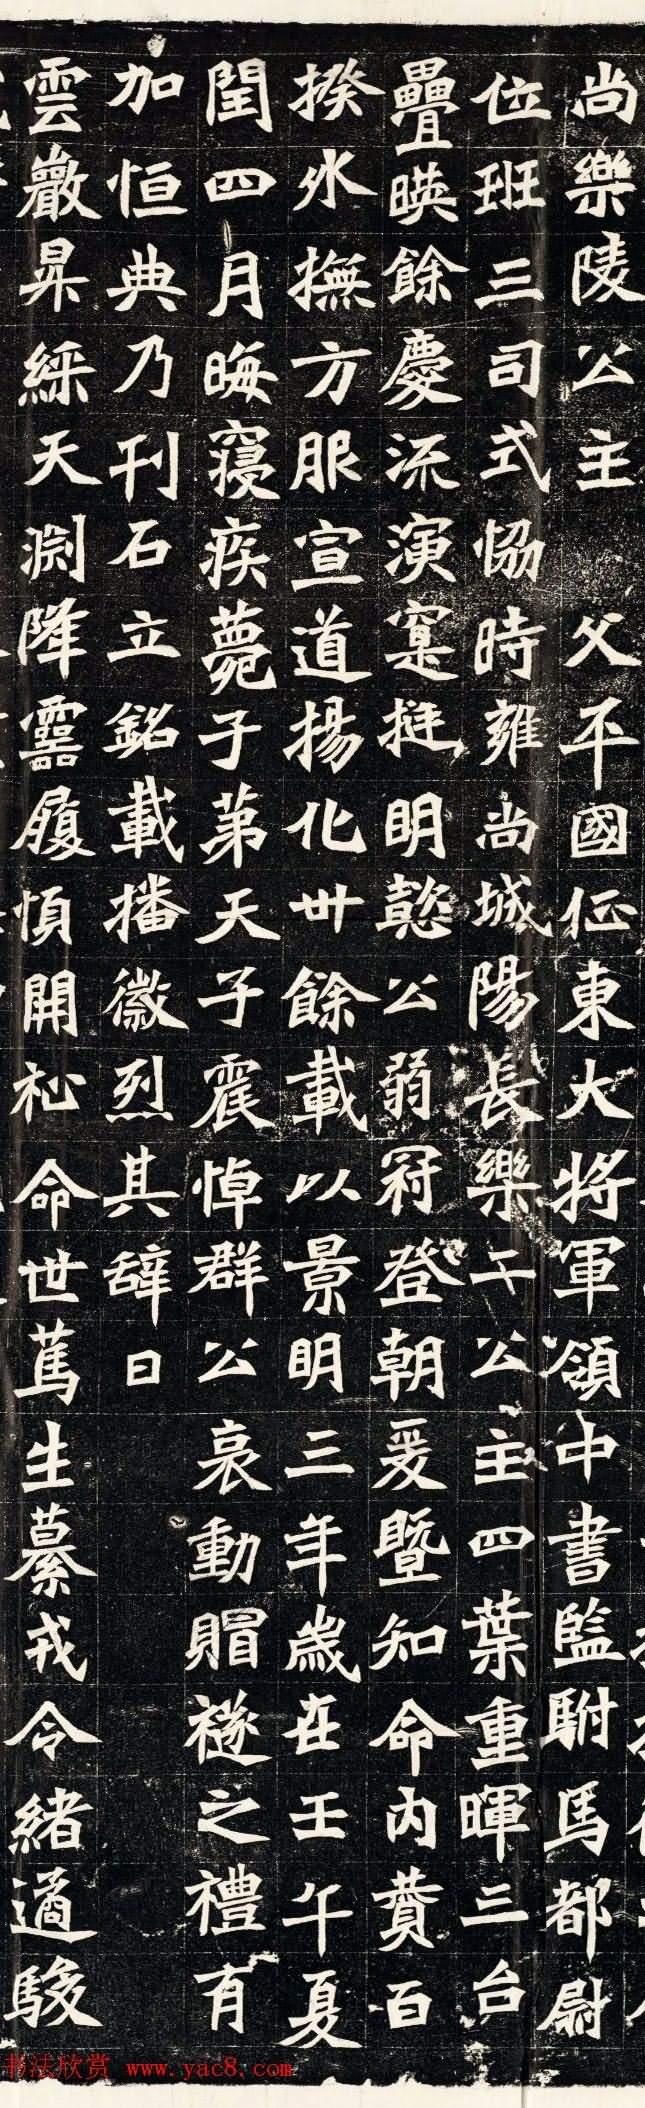 北魏正書欣賞《穆亮墓誌》全圖